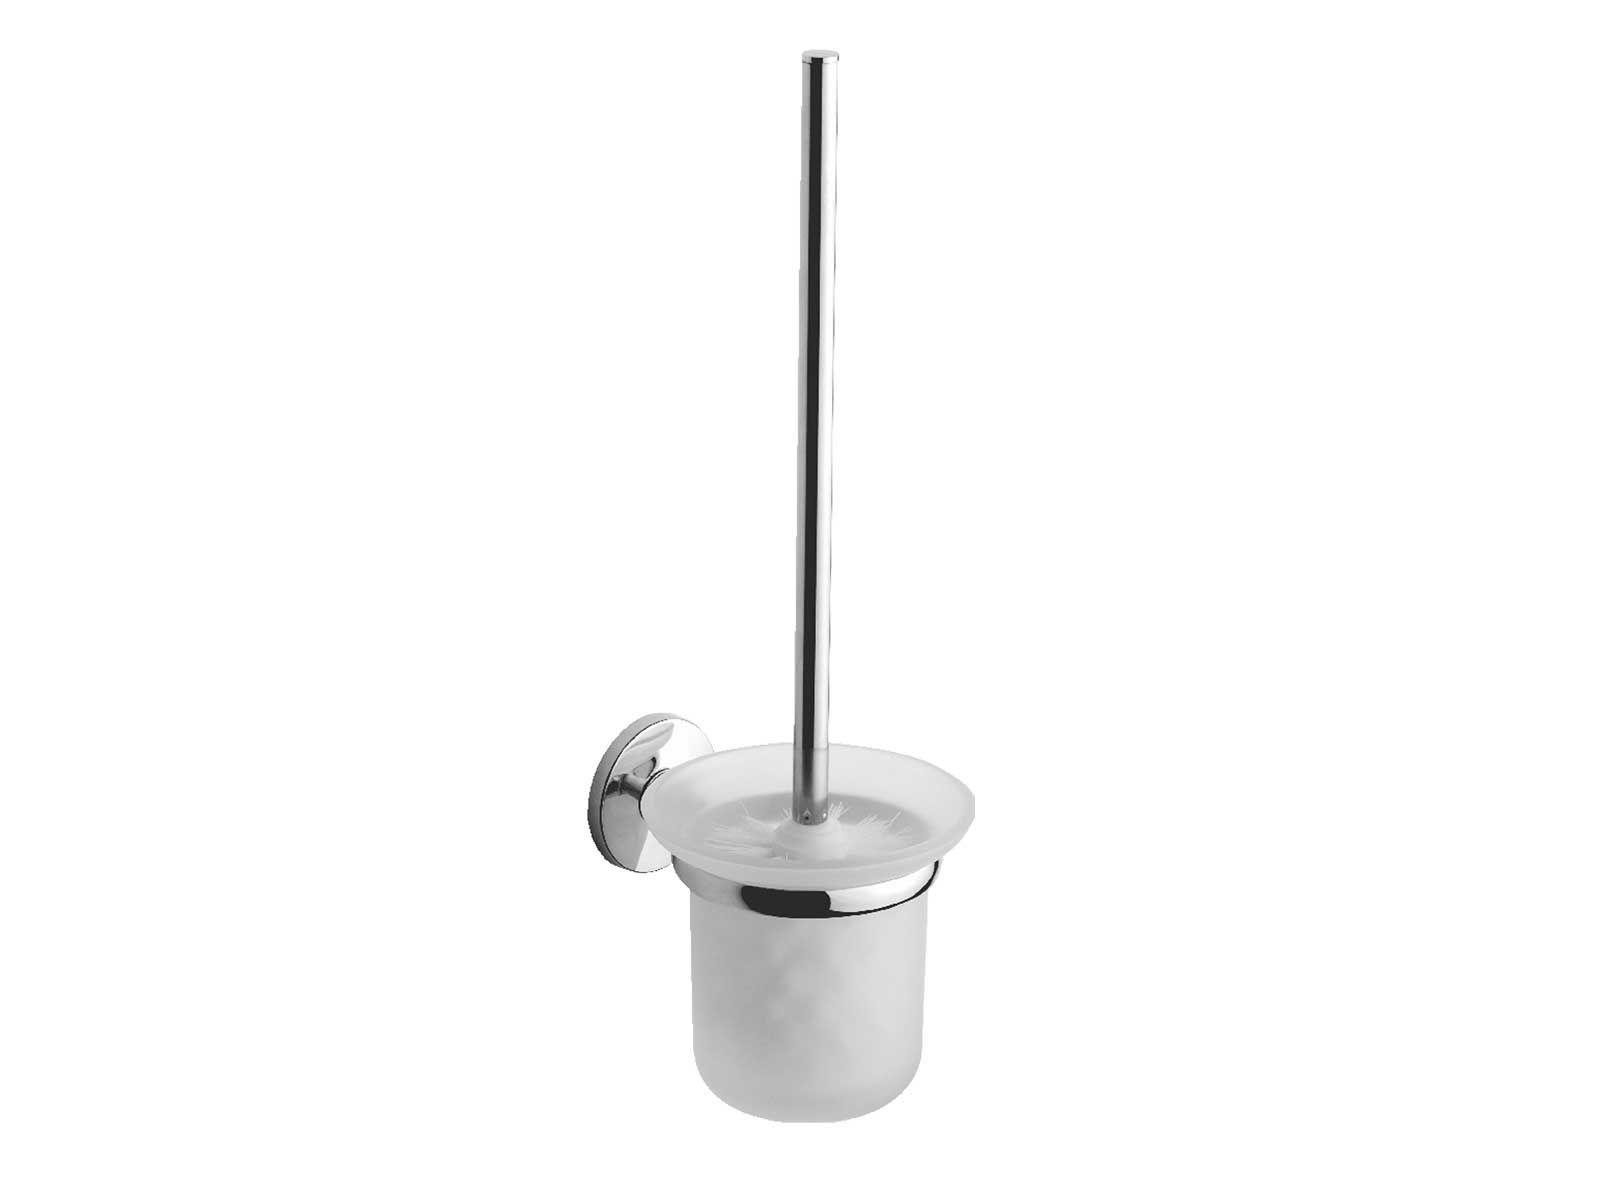 Portascopino da parete termosifoni in ghisa scheda tecnica - Porta acqua termosifoni ...